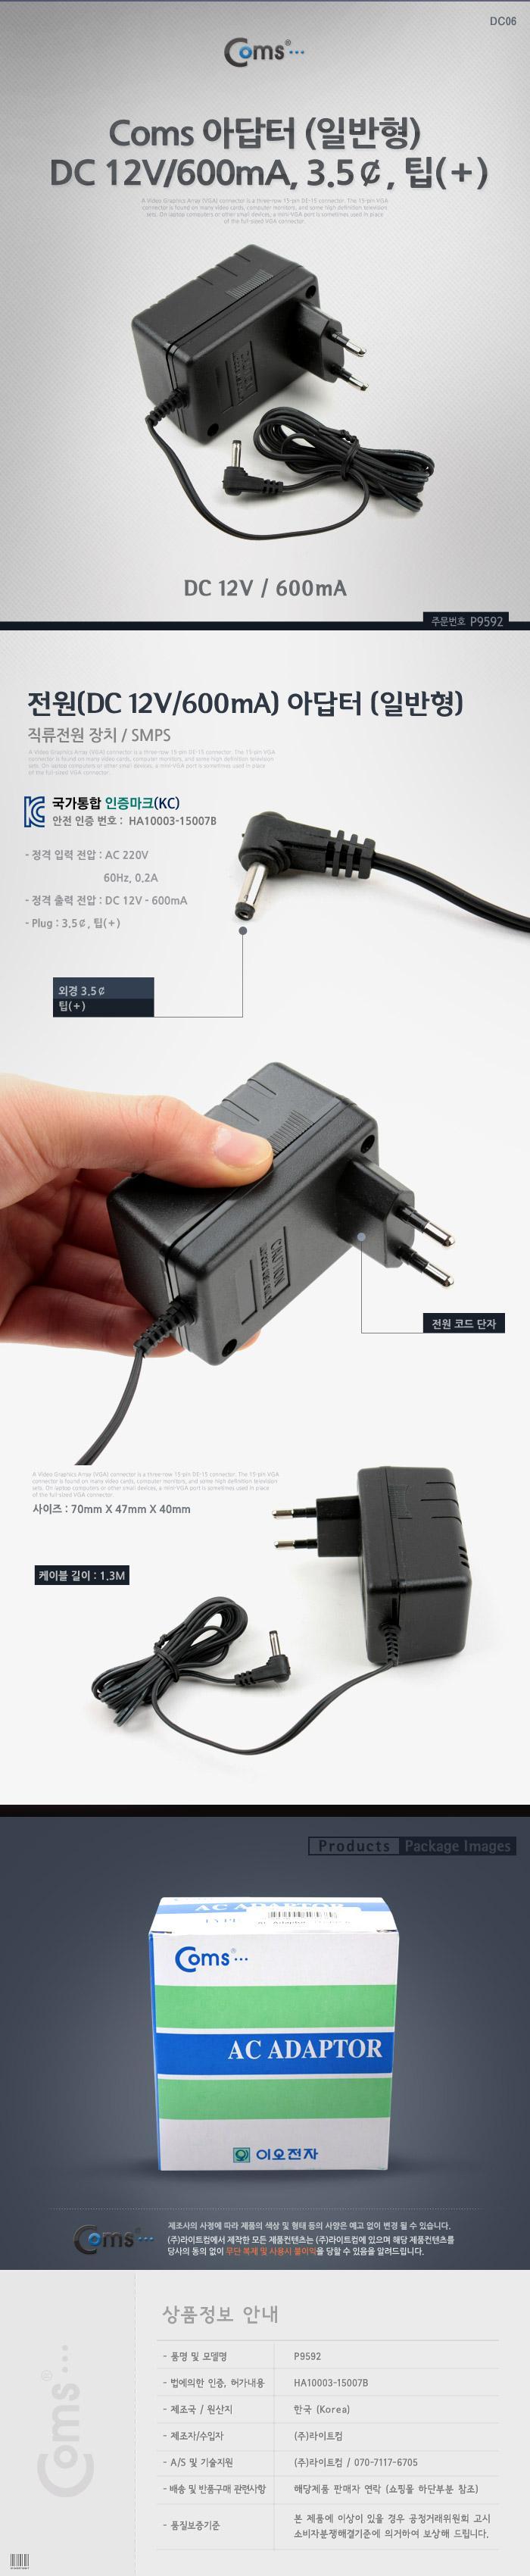 P9592 Coms 아답터 (일반형) DC12V 600mA. 3.5¢. 팁(+) 모니터 주변기기기타 아답터 모니터아답터 어답터 직류전원장치 모니터어답터 모니터부품 모니터전원부품